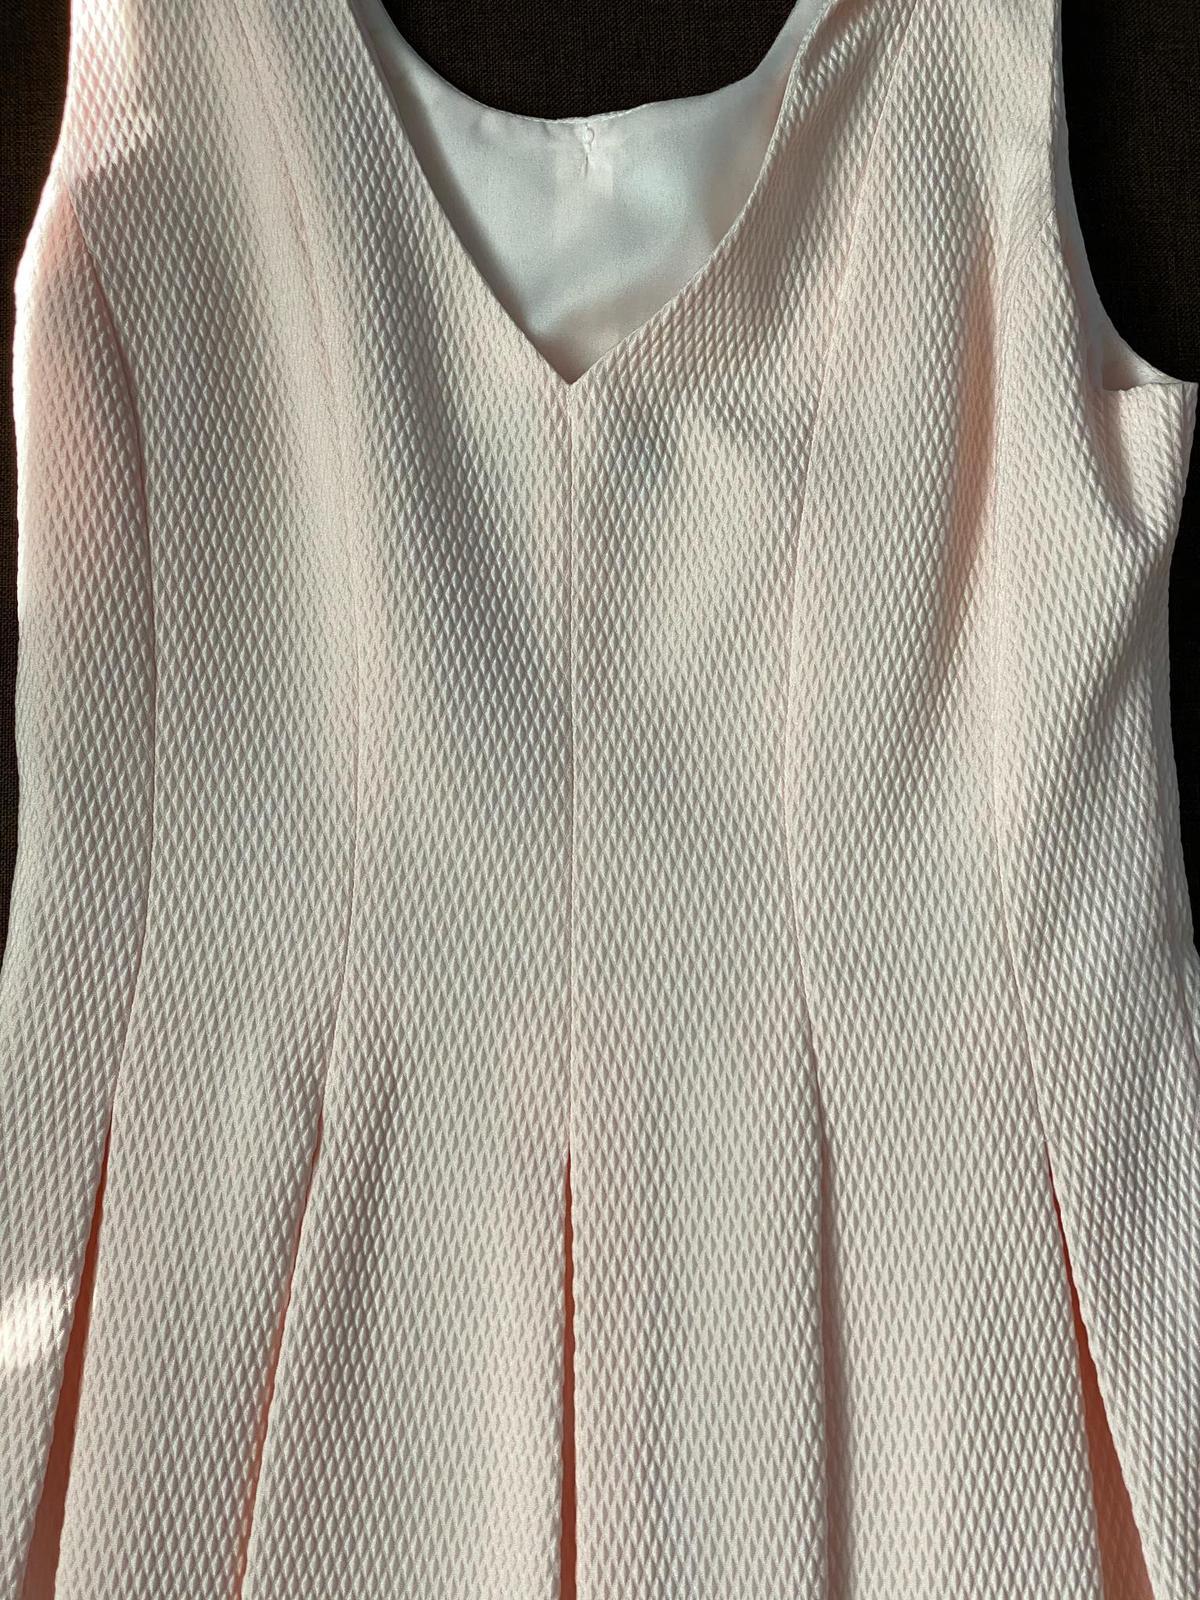 Lososové šaty vel.38 - Obrázek č. 4